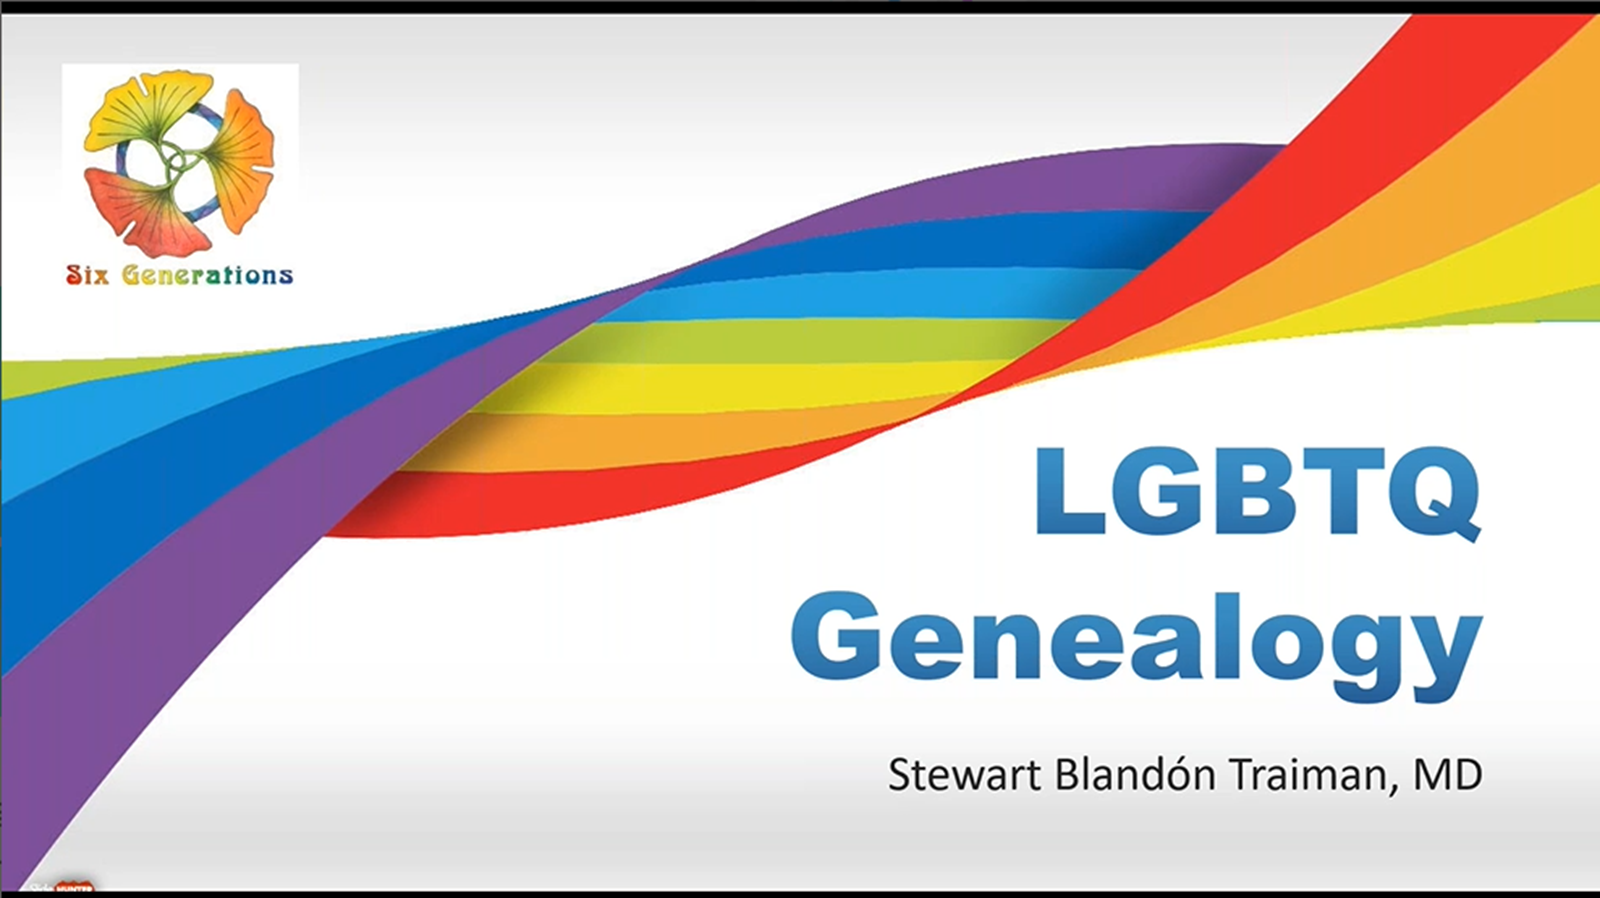 LGBTQ Genealogy